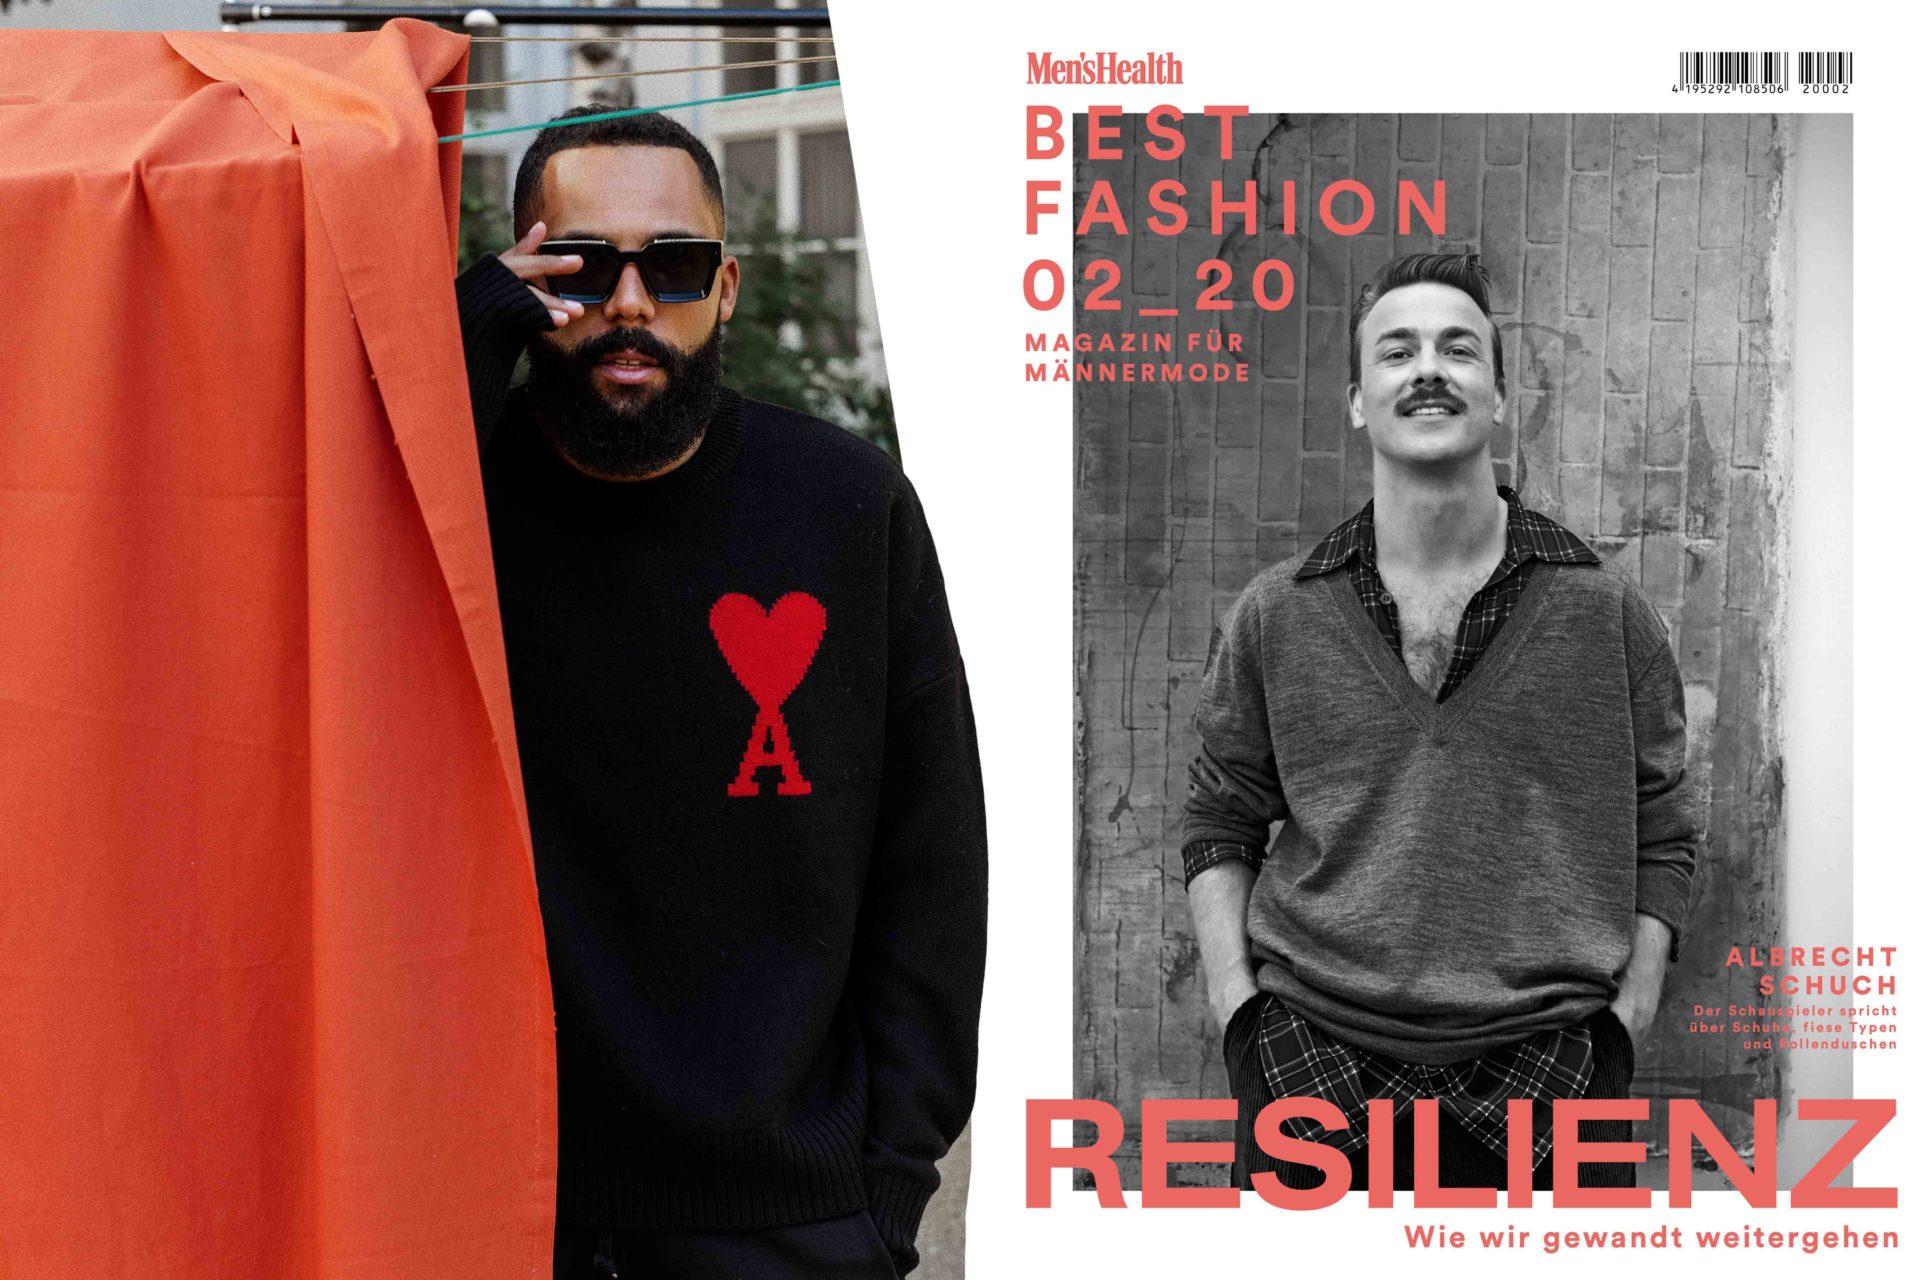 Herbst/Winter 2020 Pullover-Trends für Männer